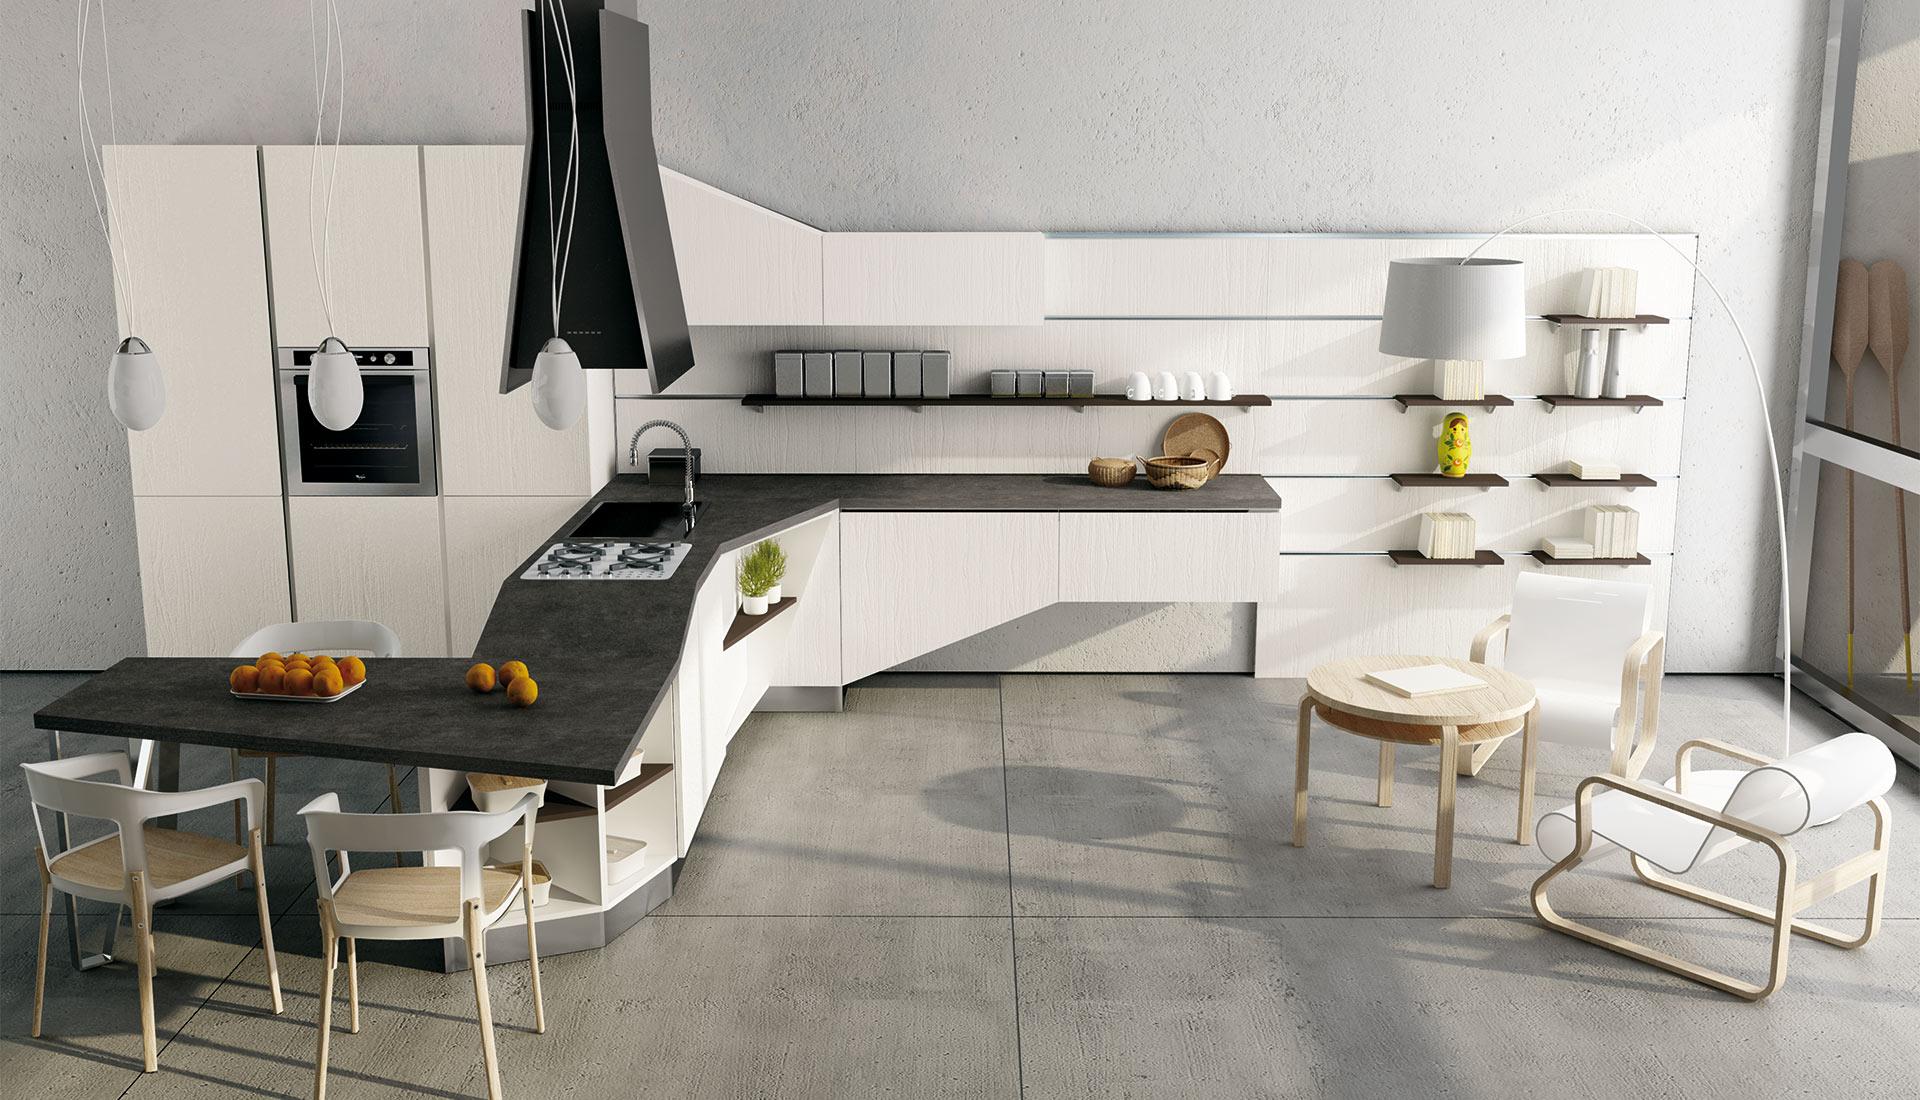 Nuova cucina asia versione con penisola gicinque cucine - Cucine moderne con penisola ...